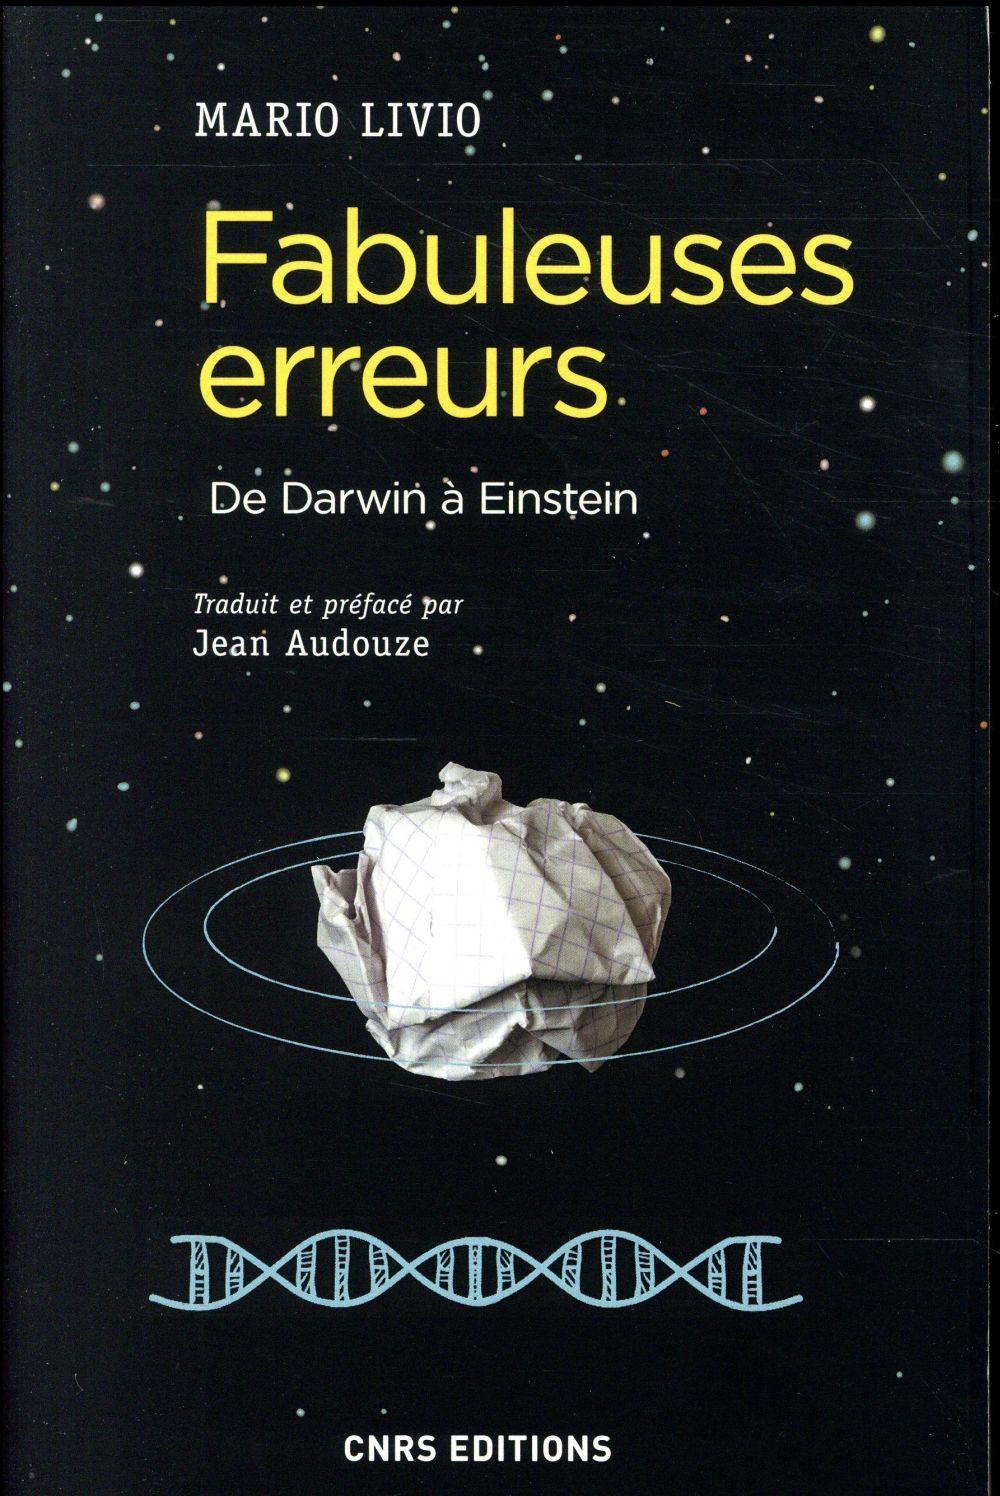 FABULEUSES ERREURS - DE DARWIN A EINSTEIN